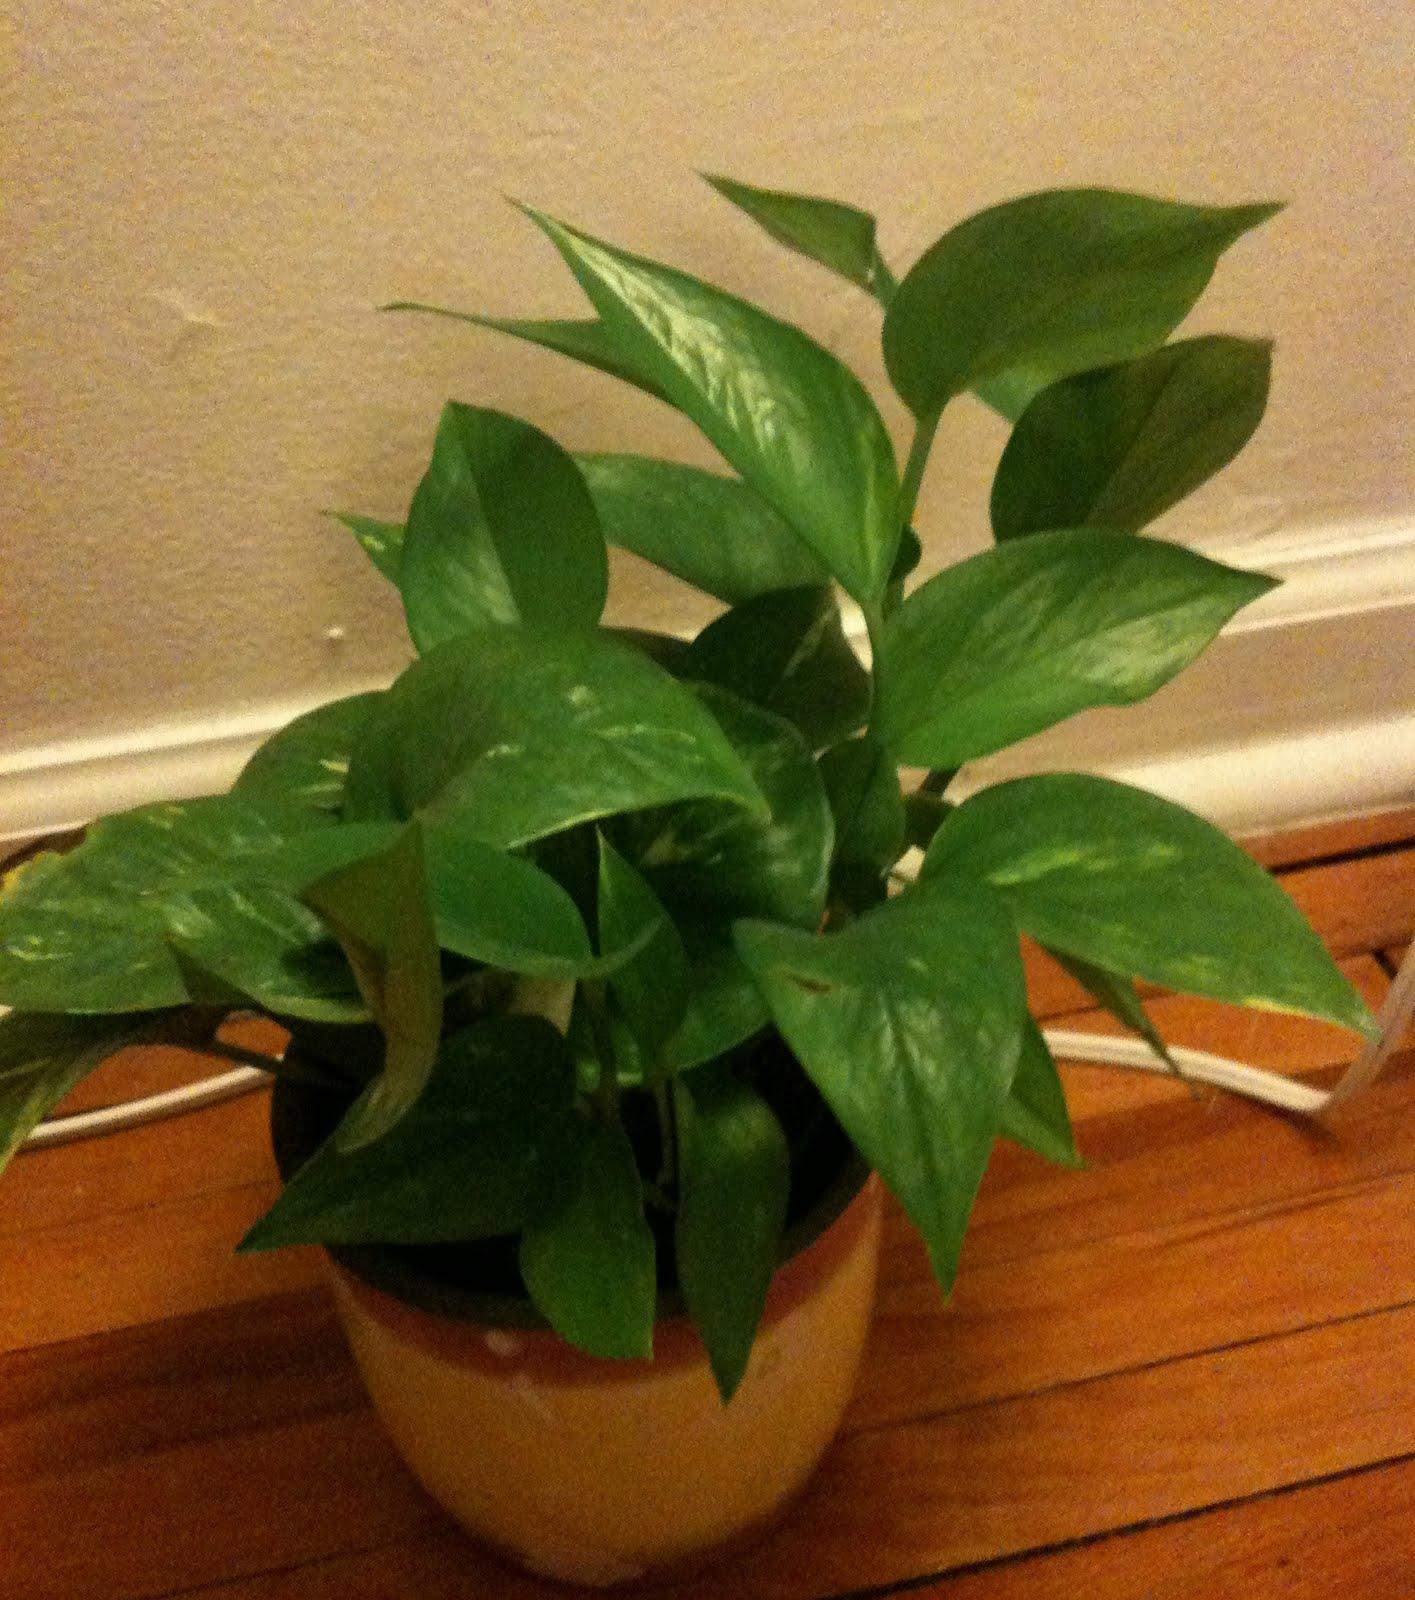 Potus cultivo riego y cuidados plantas interior flor for Cultivo en interior